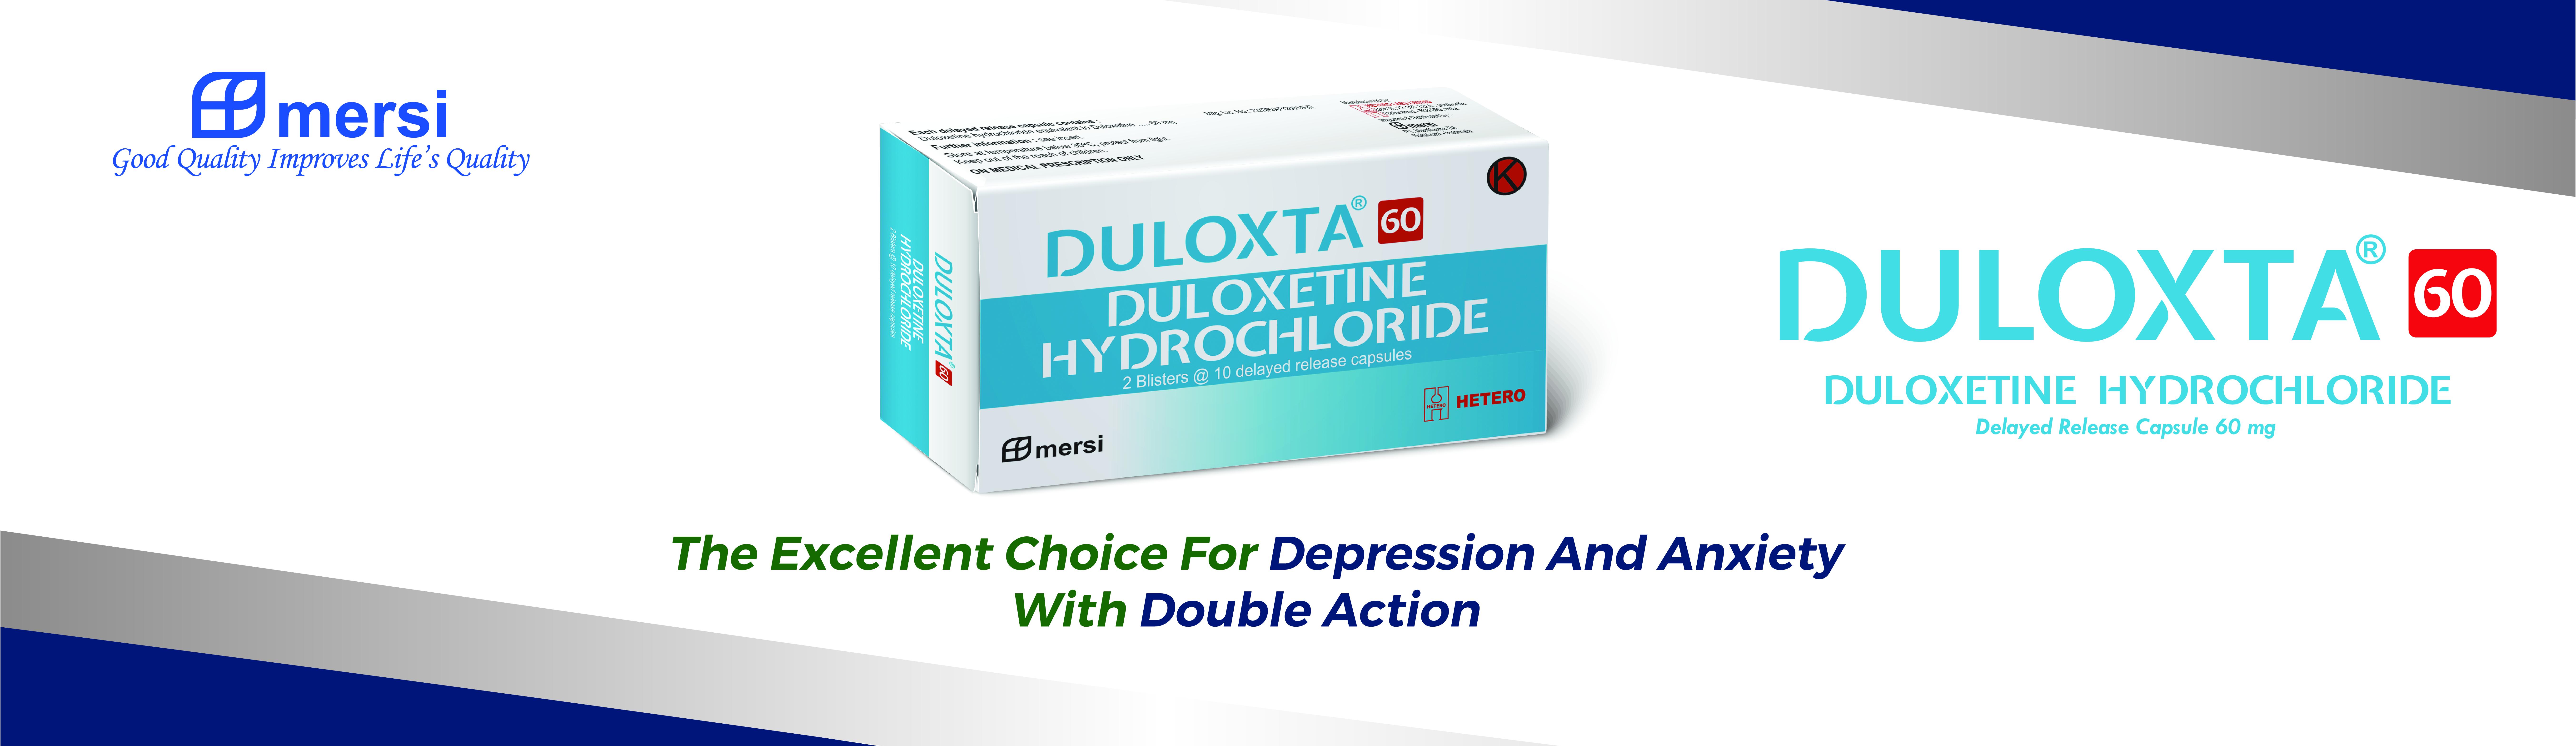 Duloxta Cover